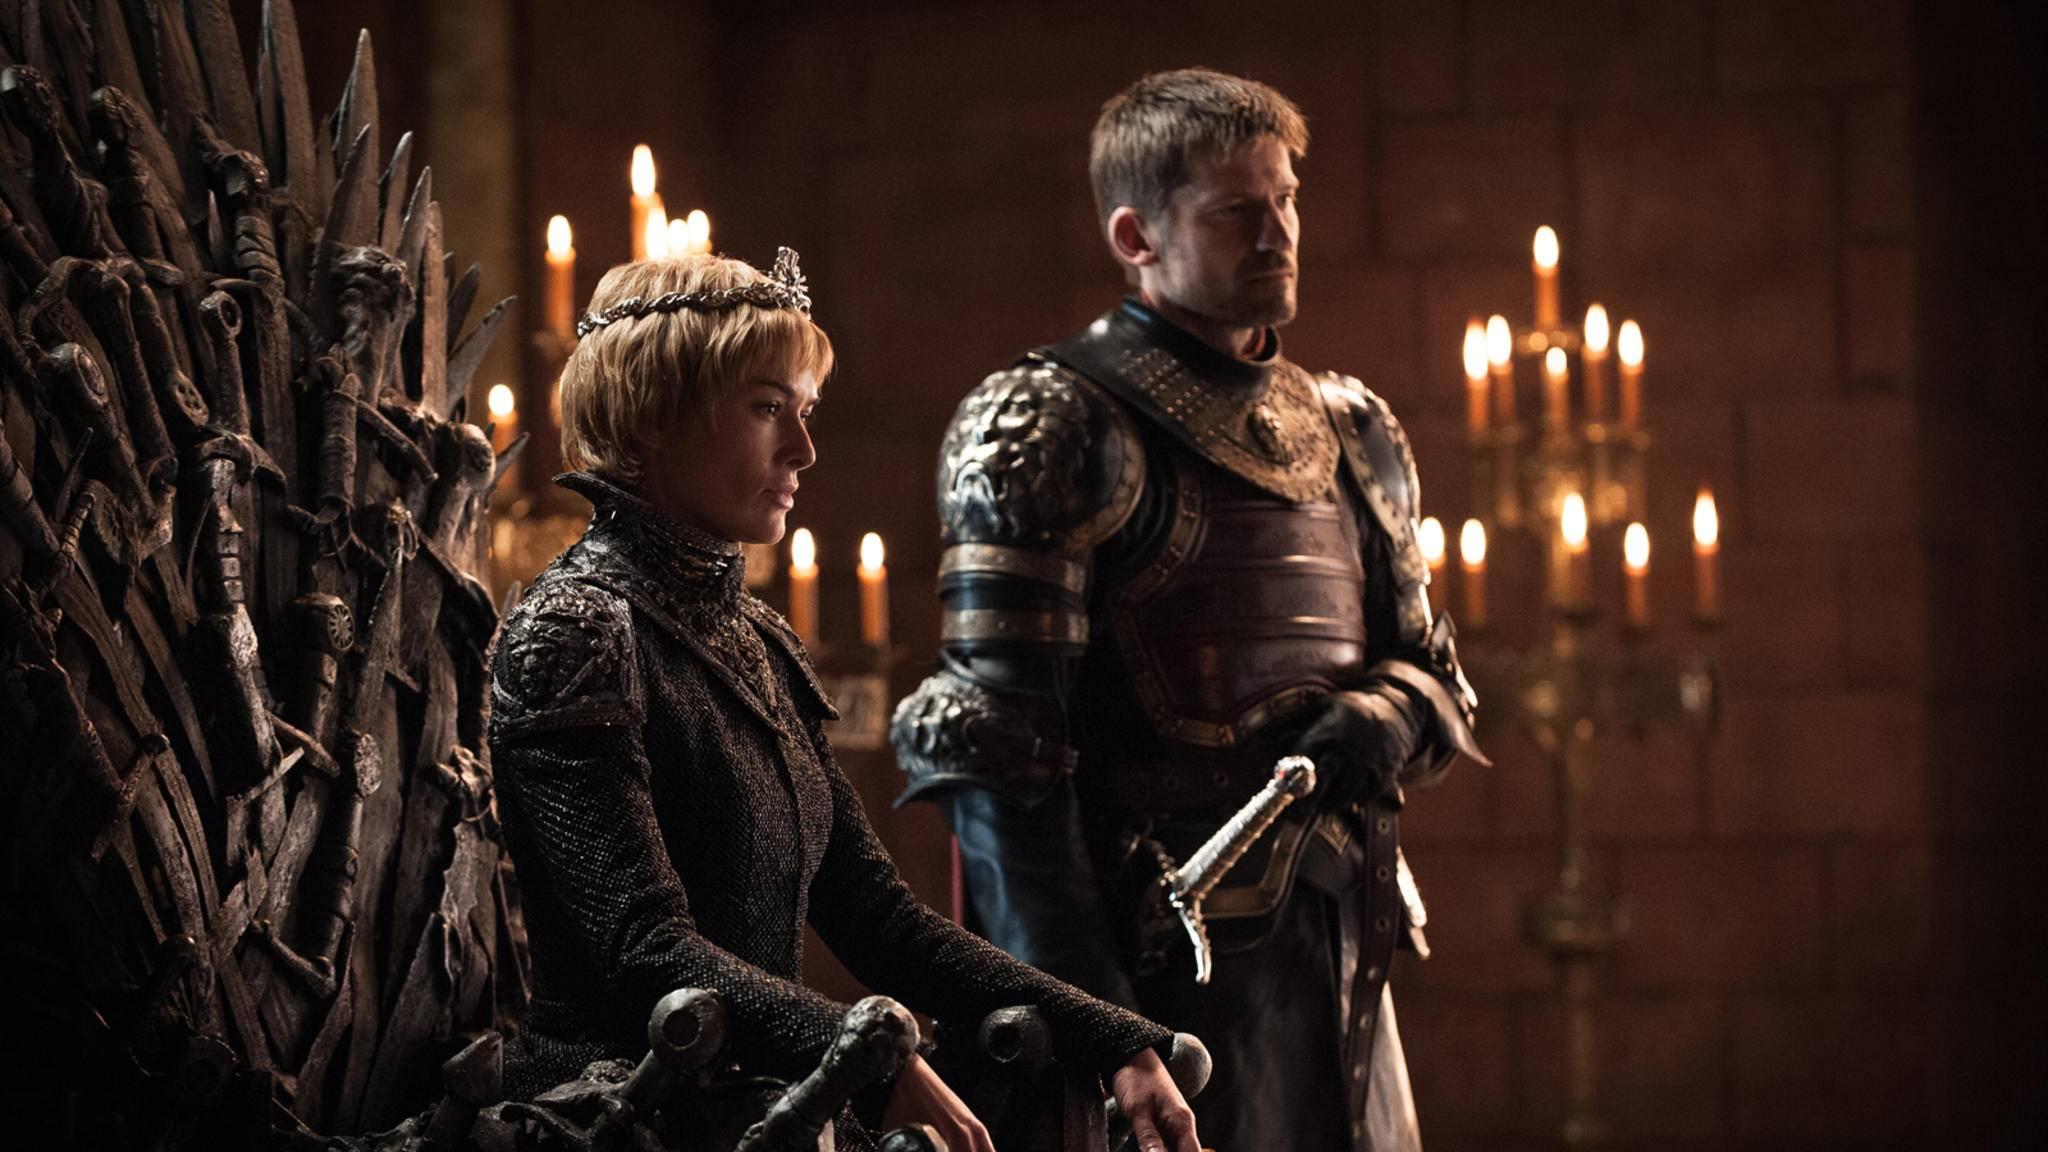 Der Stammbaum der machthungrigen Lannisters wurde ganz schön ausgedünnt.